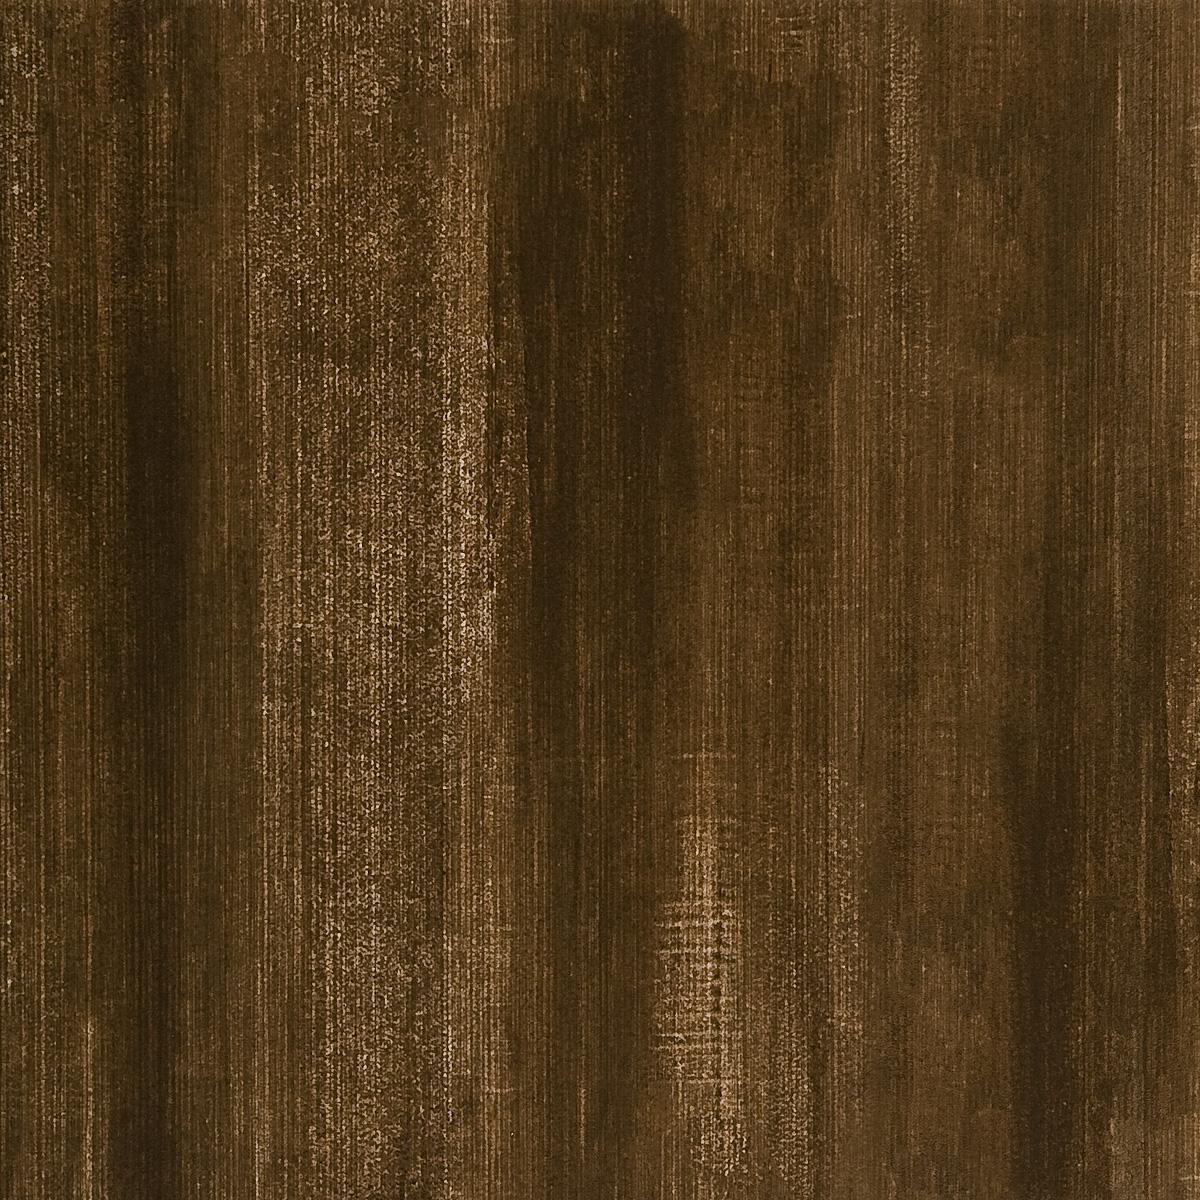 Плитка напольная 330х330х8 мм Триора коричневый (9шт=1 кв.м)